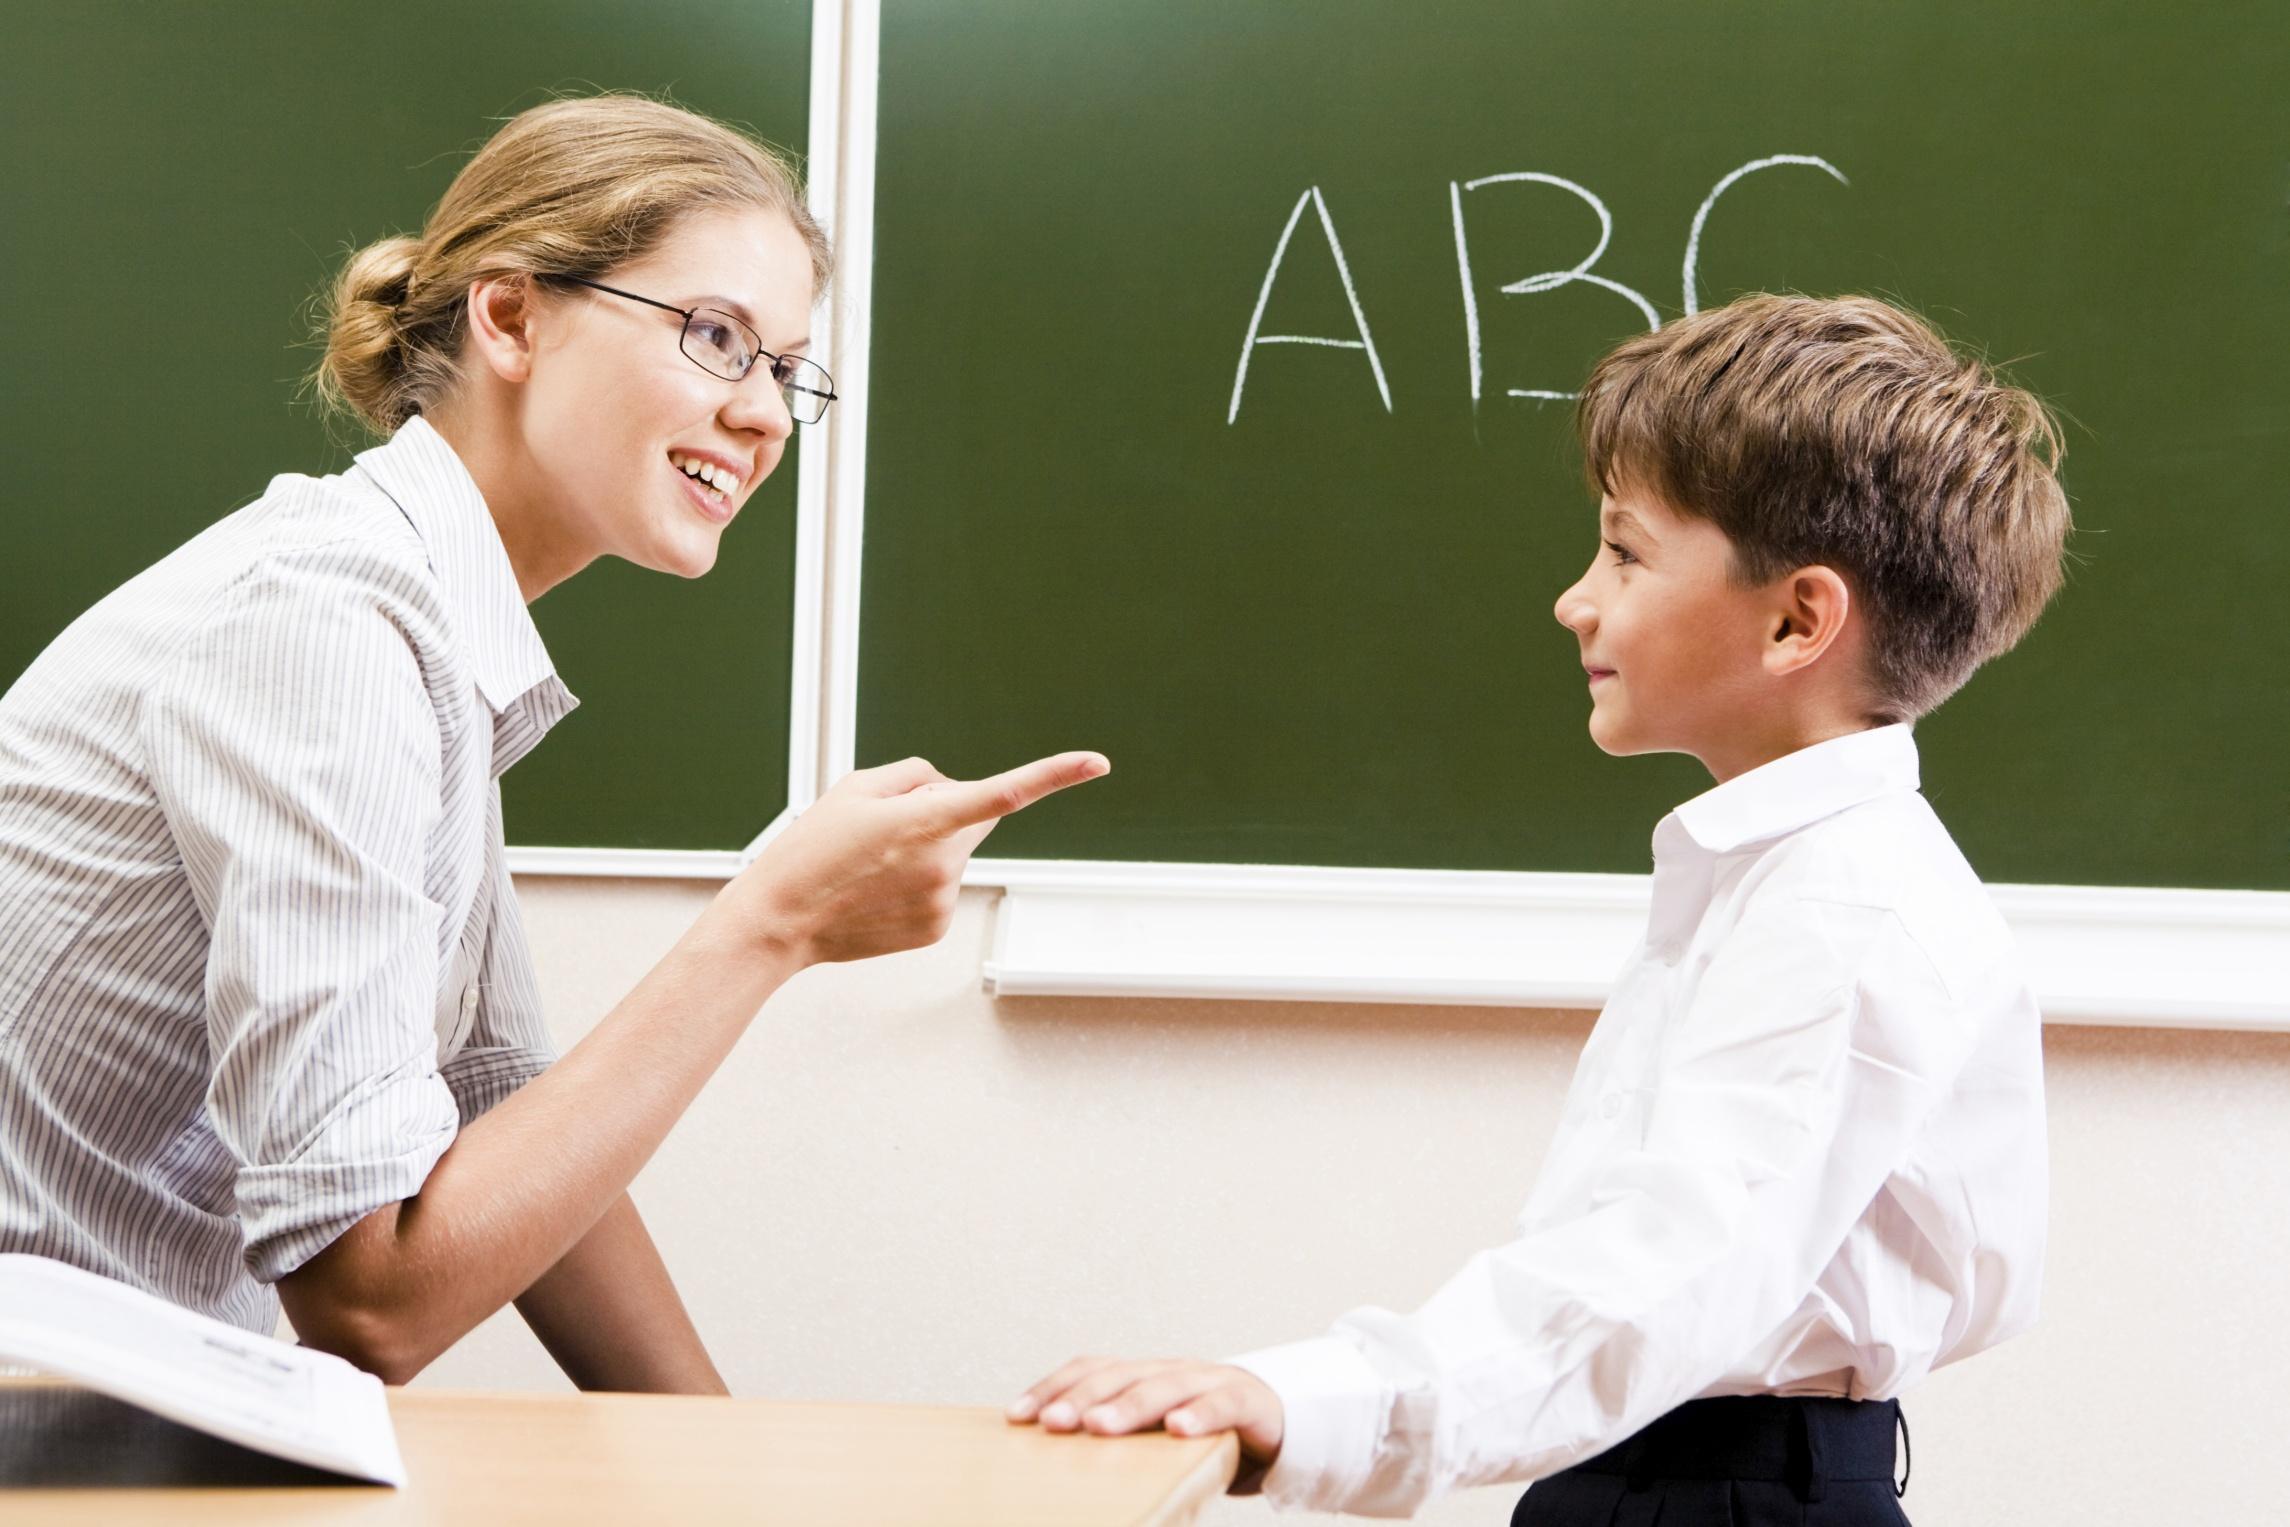 Öğretmen – Öğrenci İlişkisinin Kalitesi Başarıyı Etkiliyor